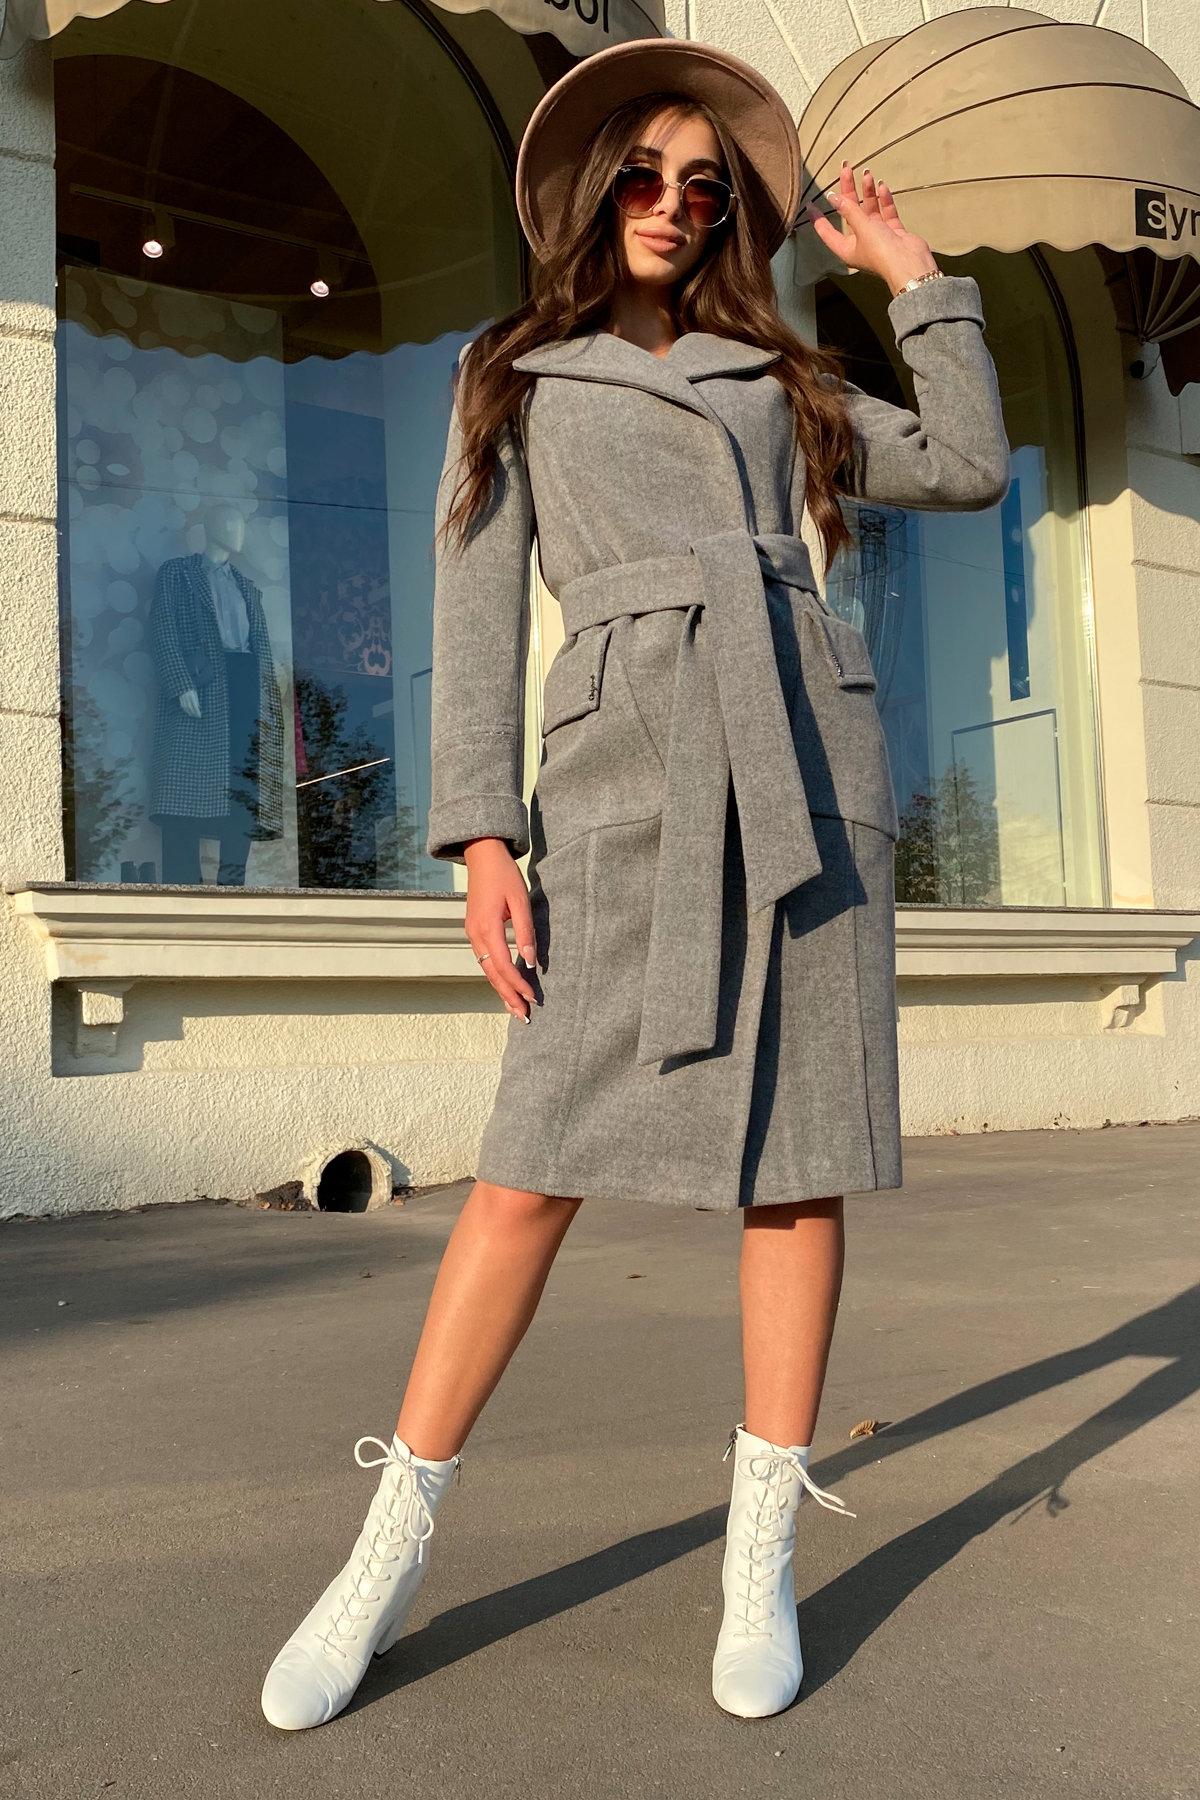 Зимнее пальто с мехом Стейси 5647 АРТ. 37855 Цвет: Серый 18 - фото 12, интернет магазин tm-modus.ru